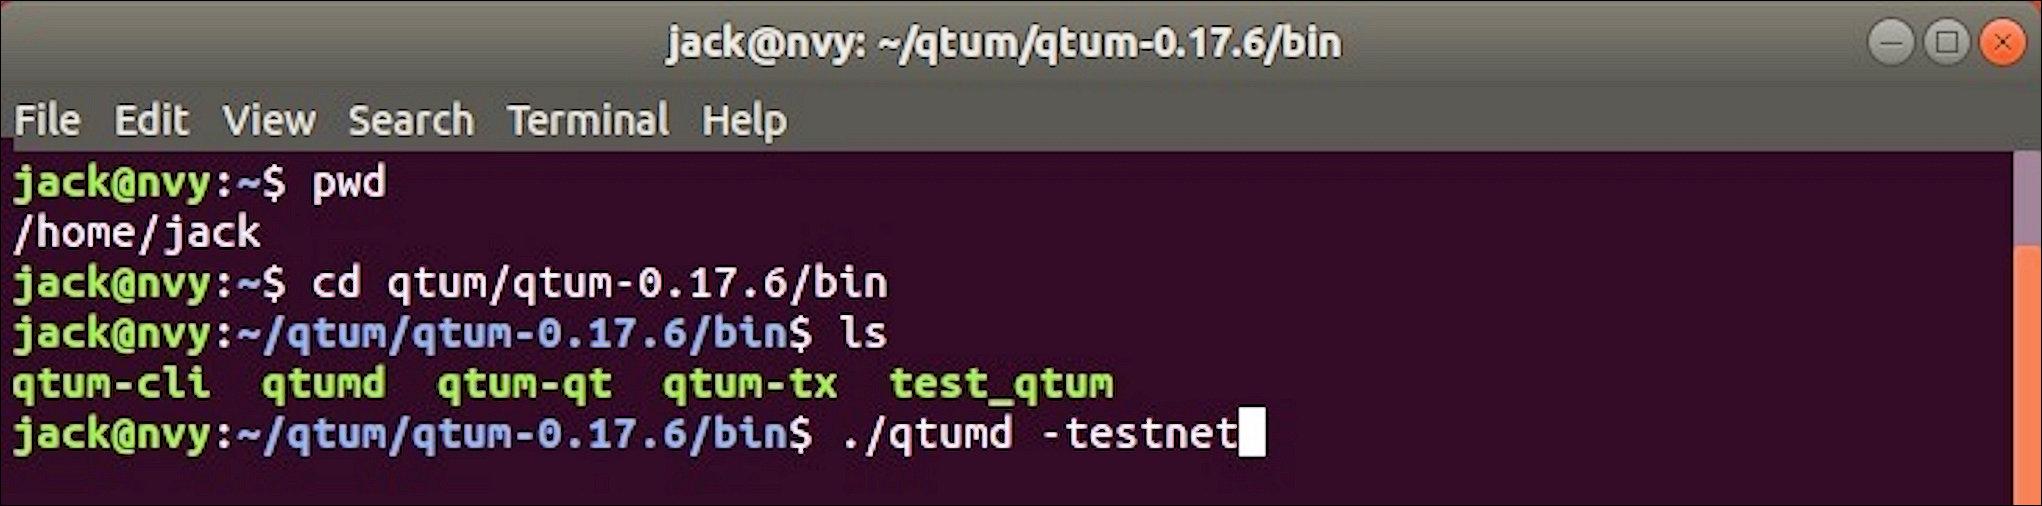 4 qtumd-testnet Linux